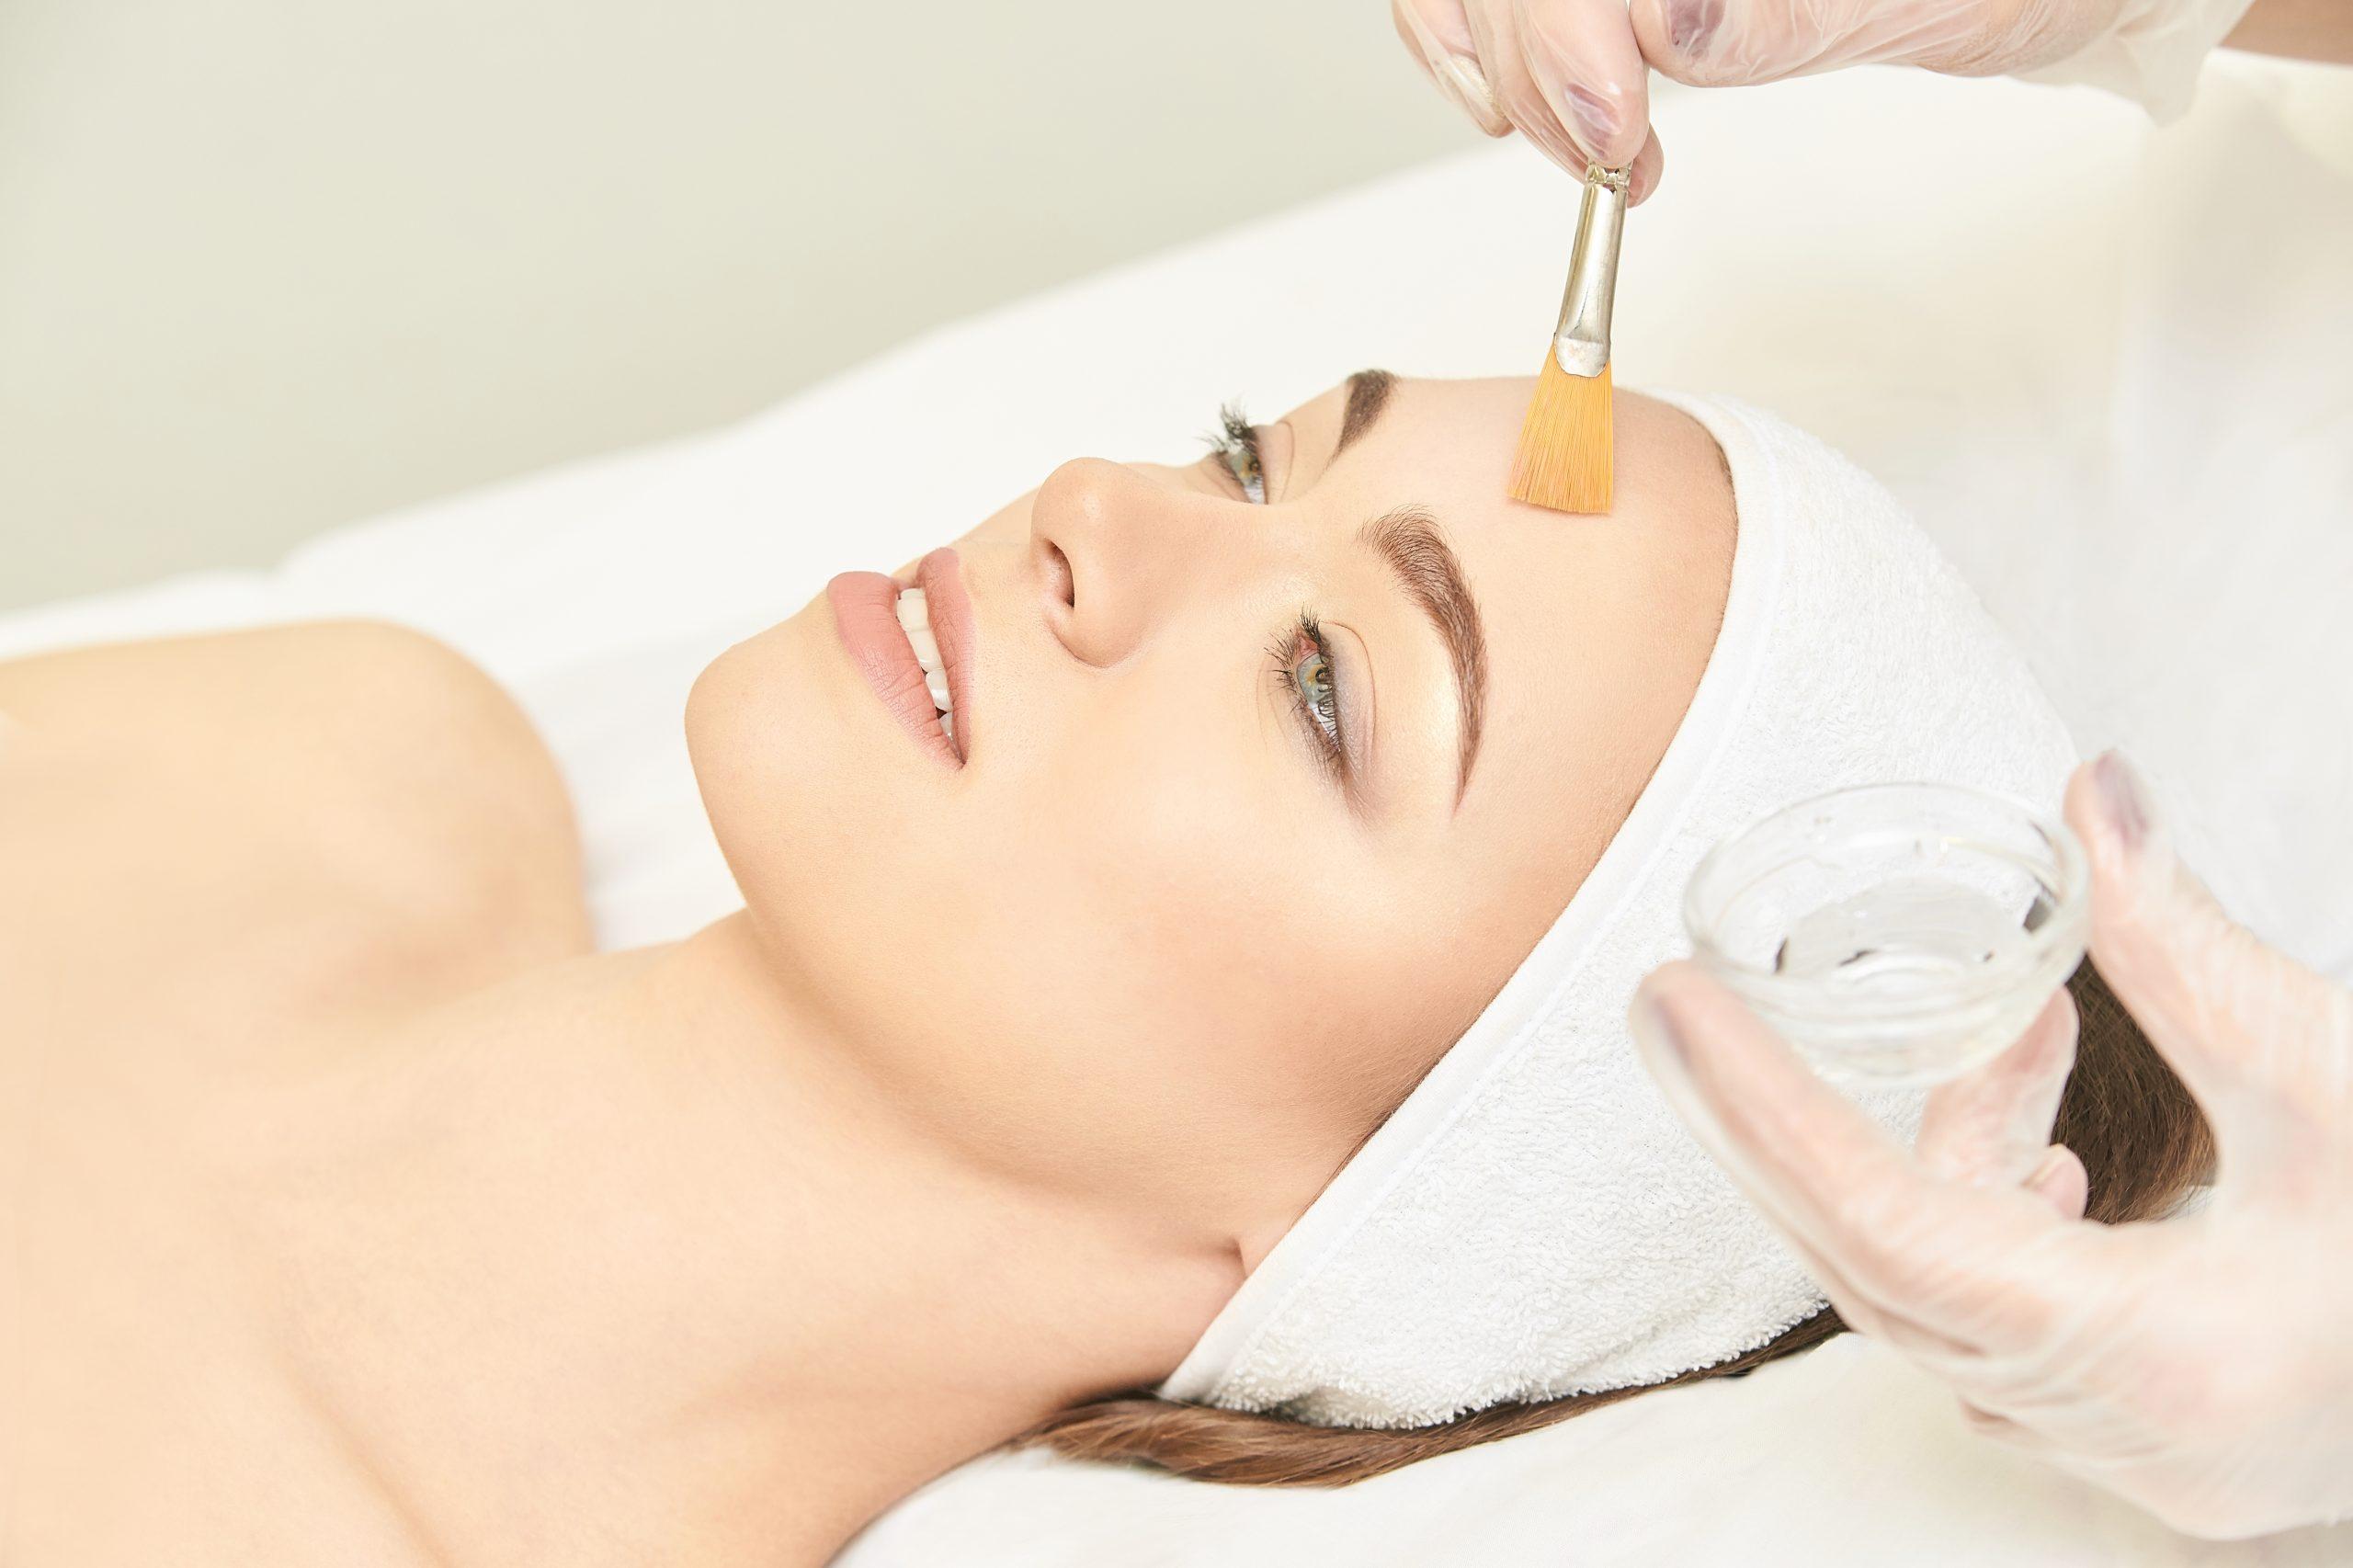 Femme subissant un peeling à l'acide pour essayer de se débarrasser des cicatrices d'acné.